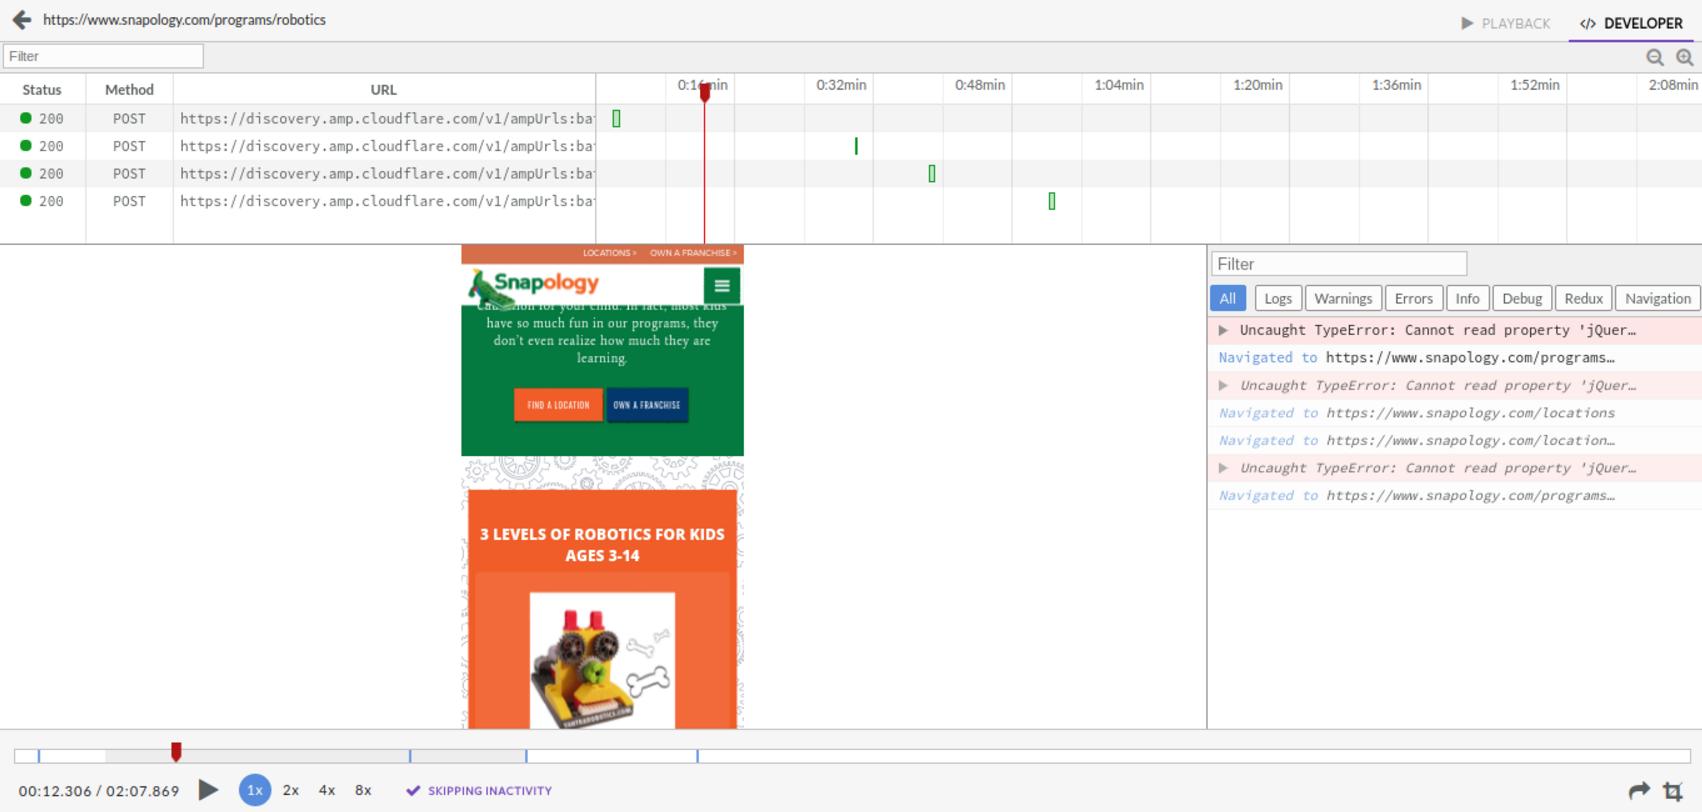 Logrocket developer playback page